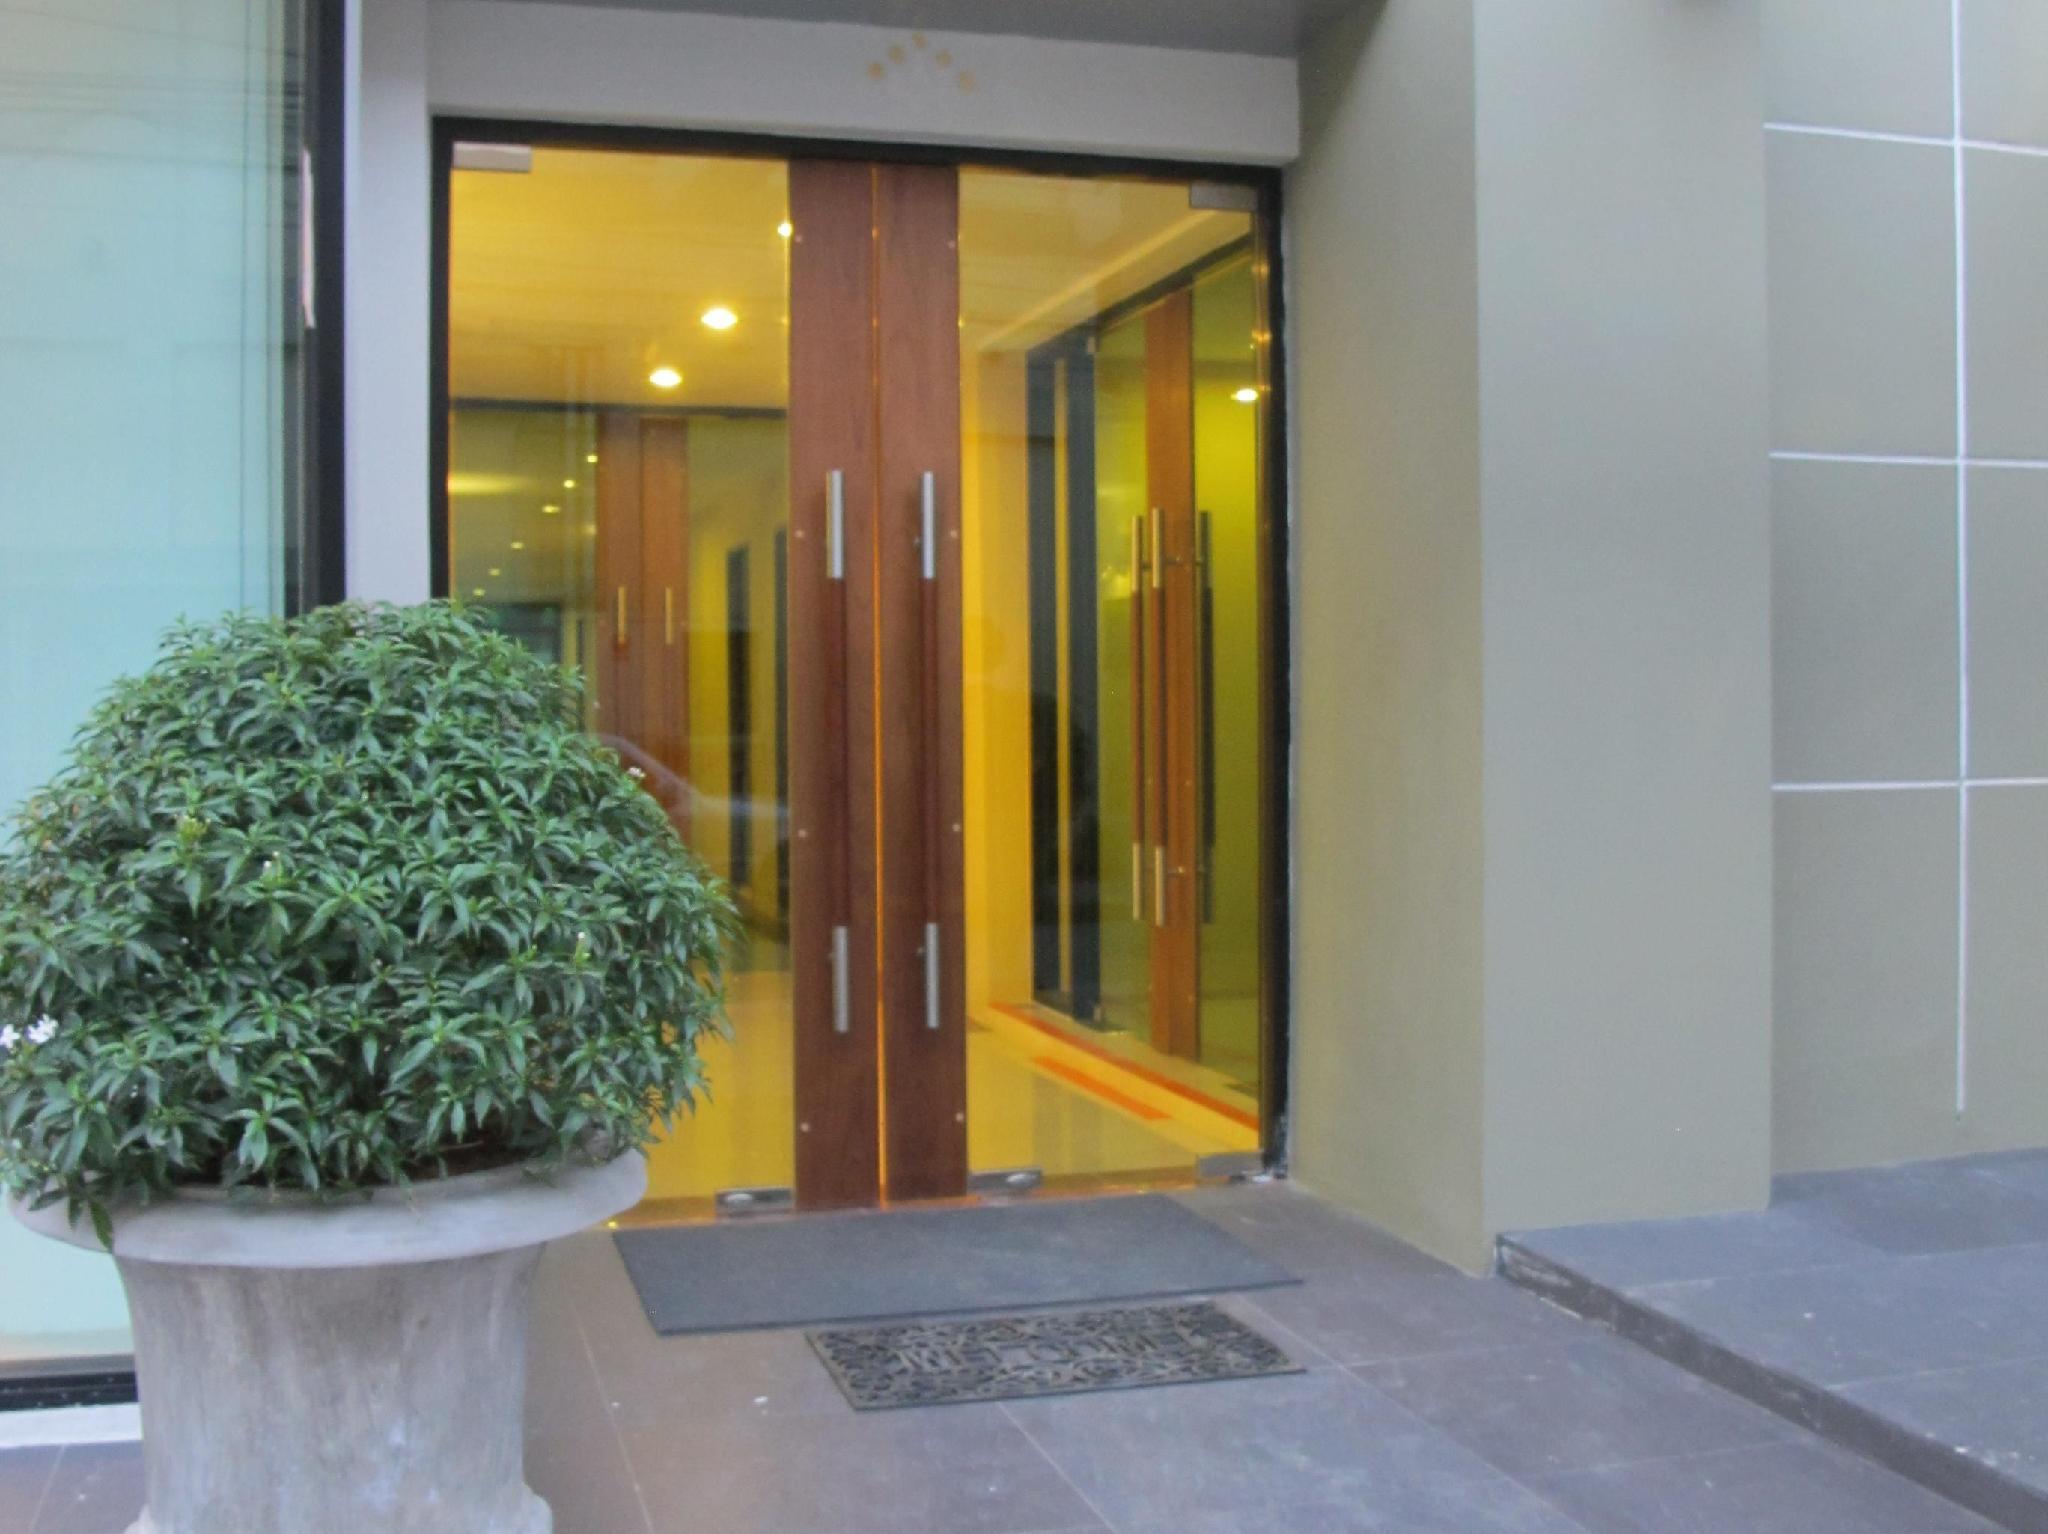 โรงแรมอินน์ จันท์